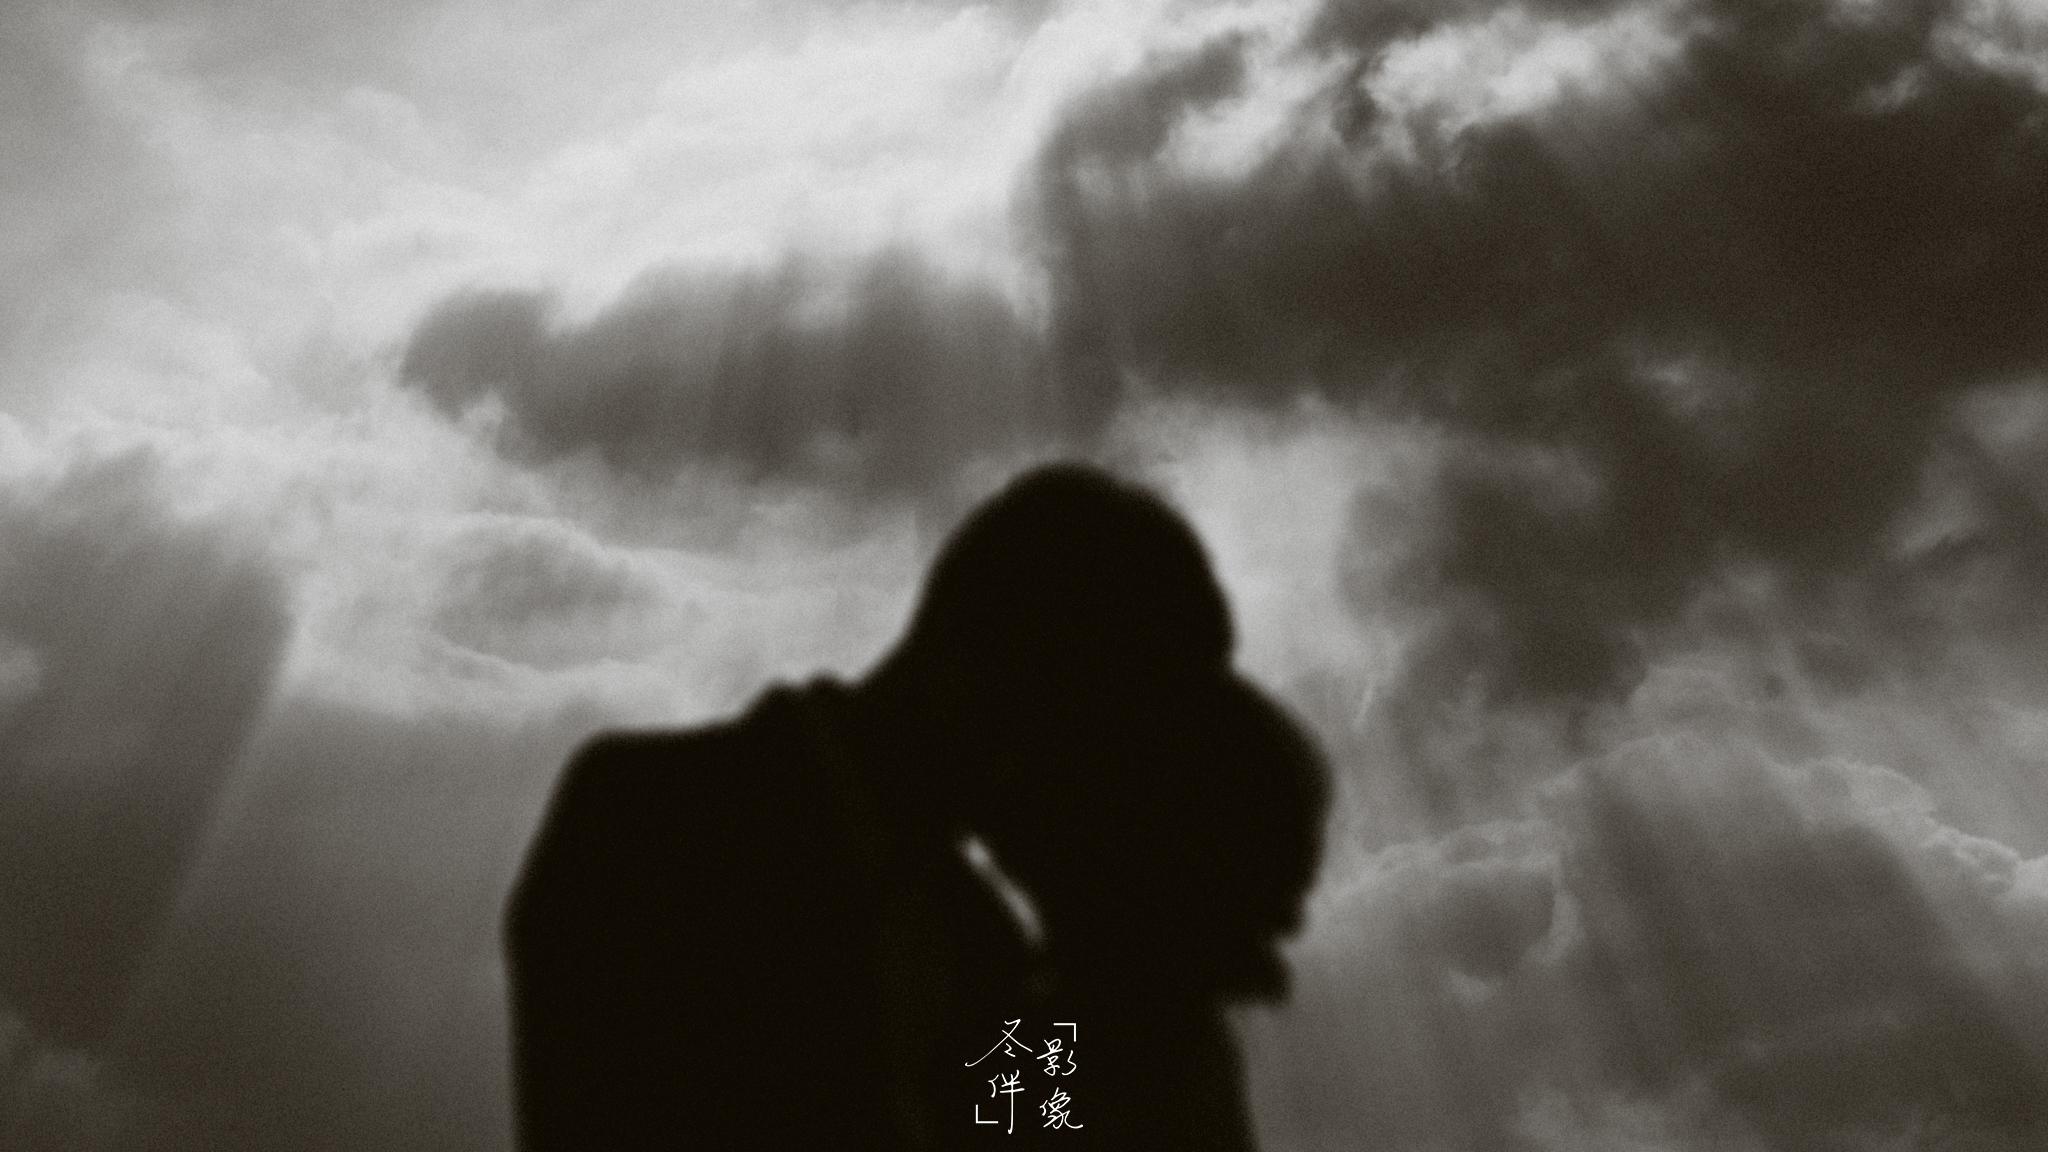 """""""美式婚紗.互動婚紗.自然婚紗.柔美婚紗.笑容.情感.桃園草漯.草漯沙丘.草漯婚紗.婚紗.攝影師.台北攝影.桃園攝影.新竹攝影.北部攝影.冬伴影像"""""""